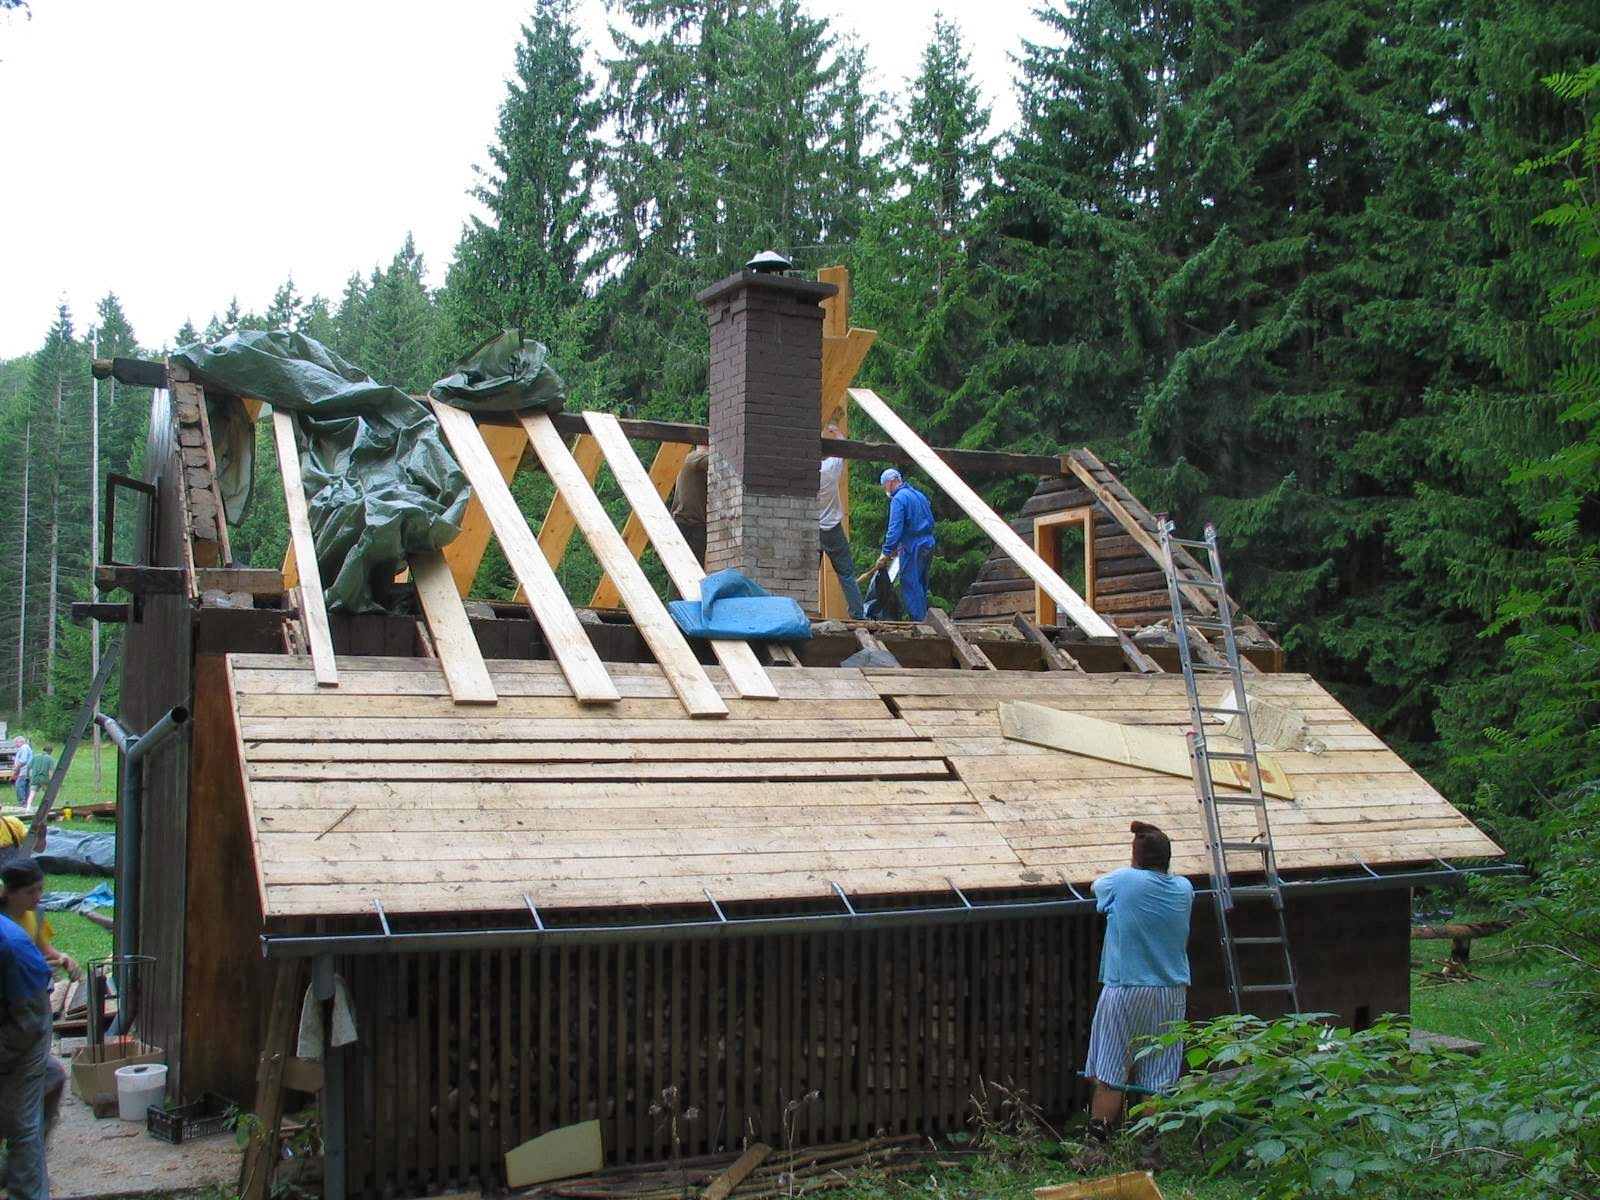 Delovna akcija - Streha, Črni dol 2006 - streha%2B128.jpg